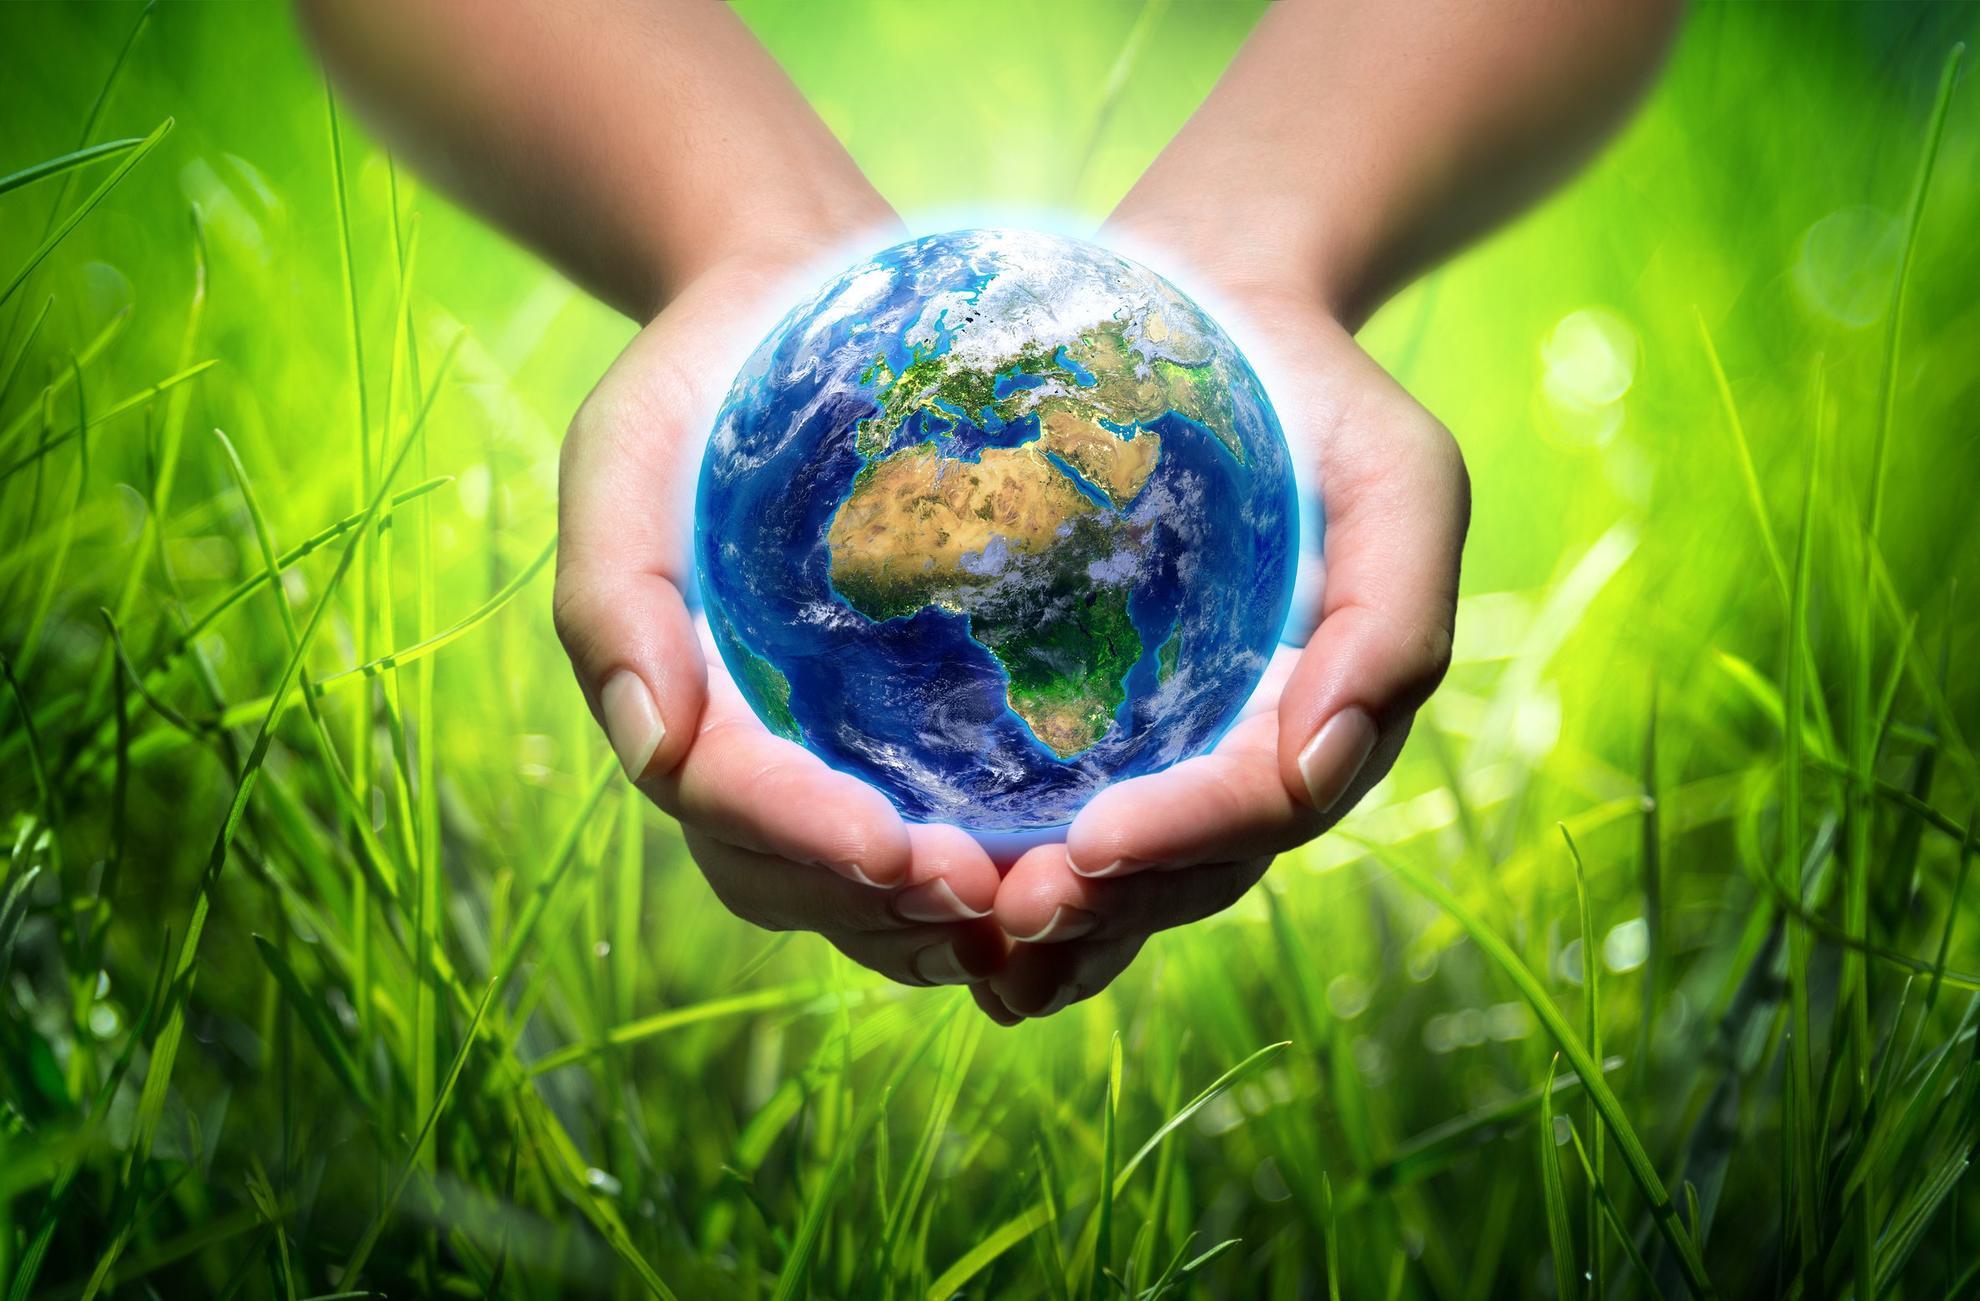 Картинки экологии окружающей среды